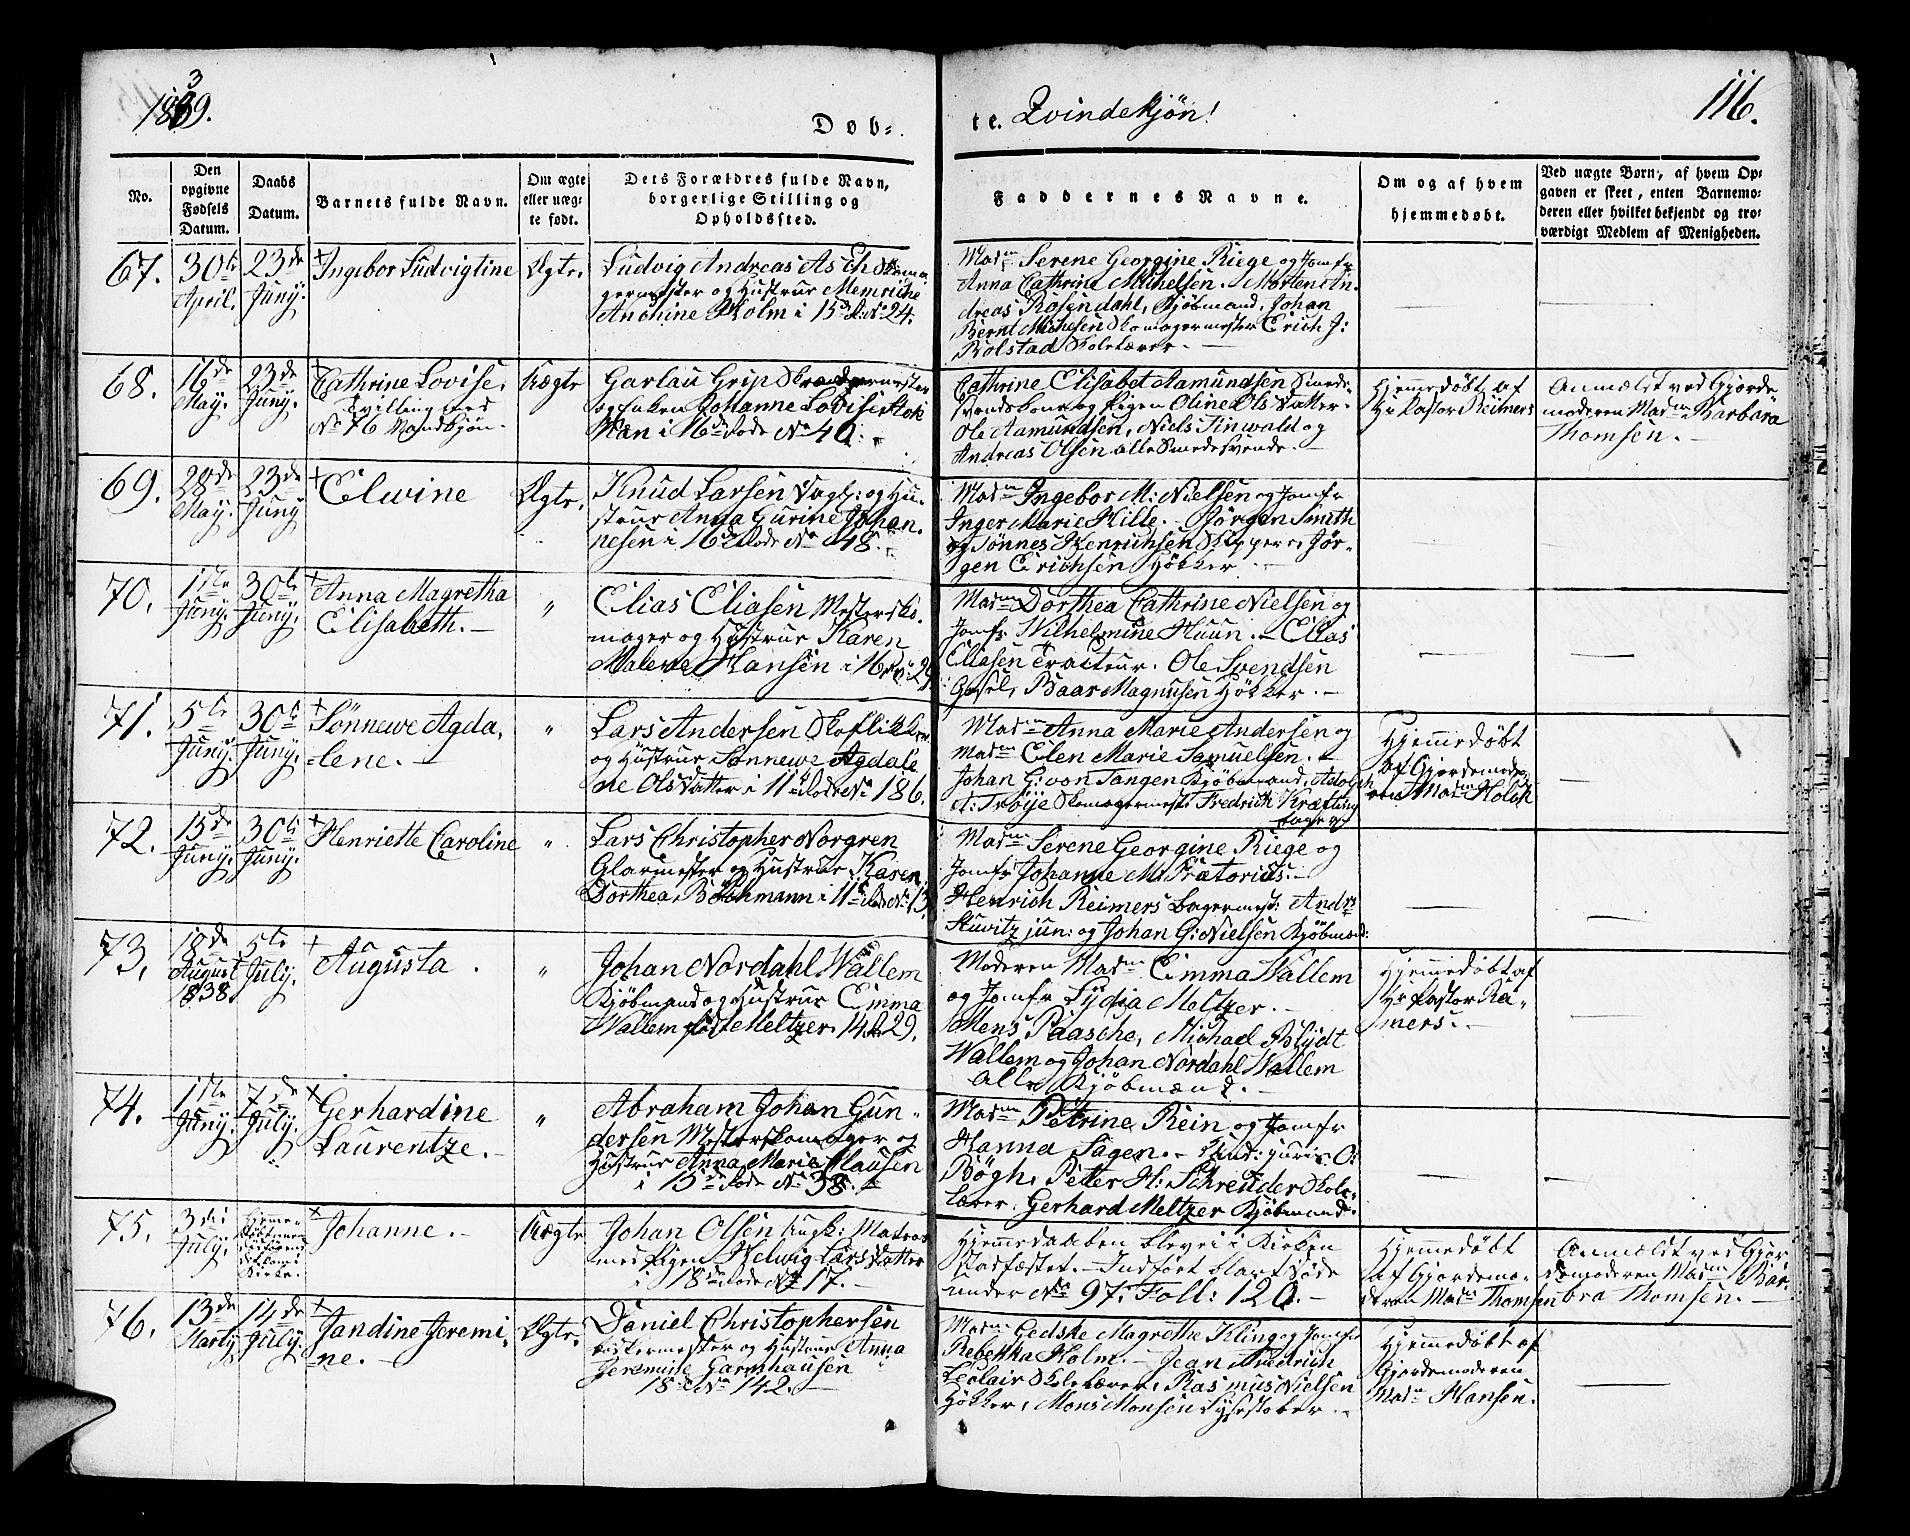 SAB, Domkirken sokneprestembete, H/Hab/L0008: Klokkerbok nr. B 1, 1836-1841, s. 116